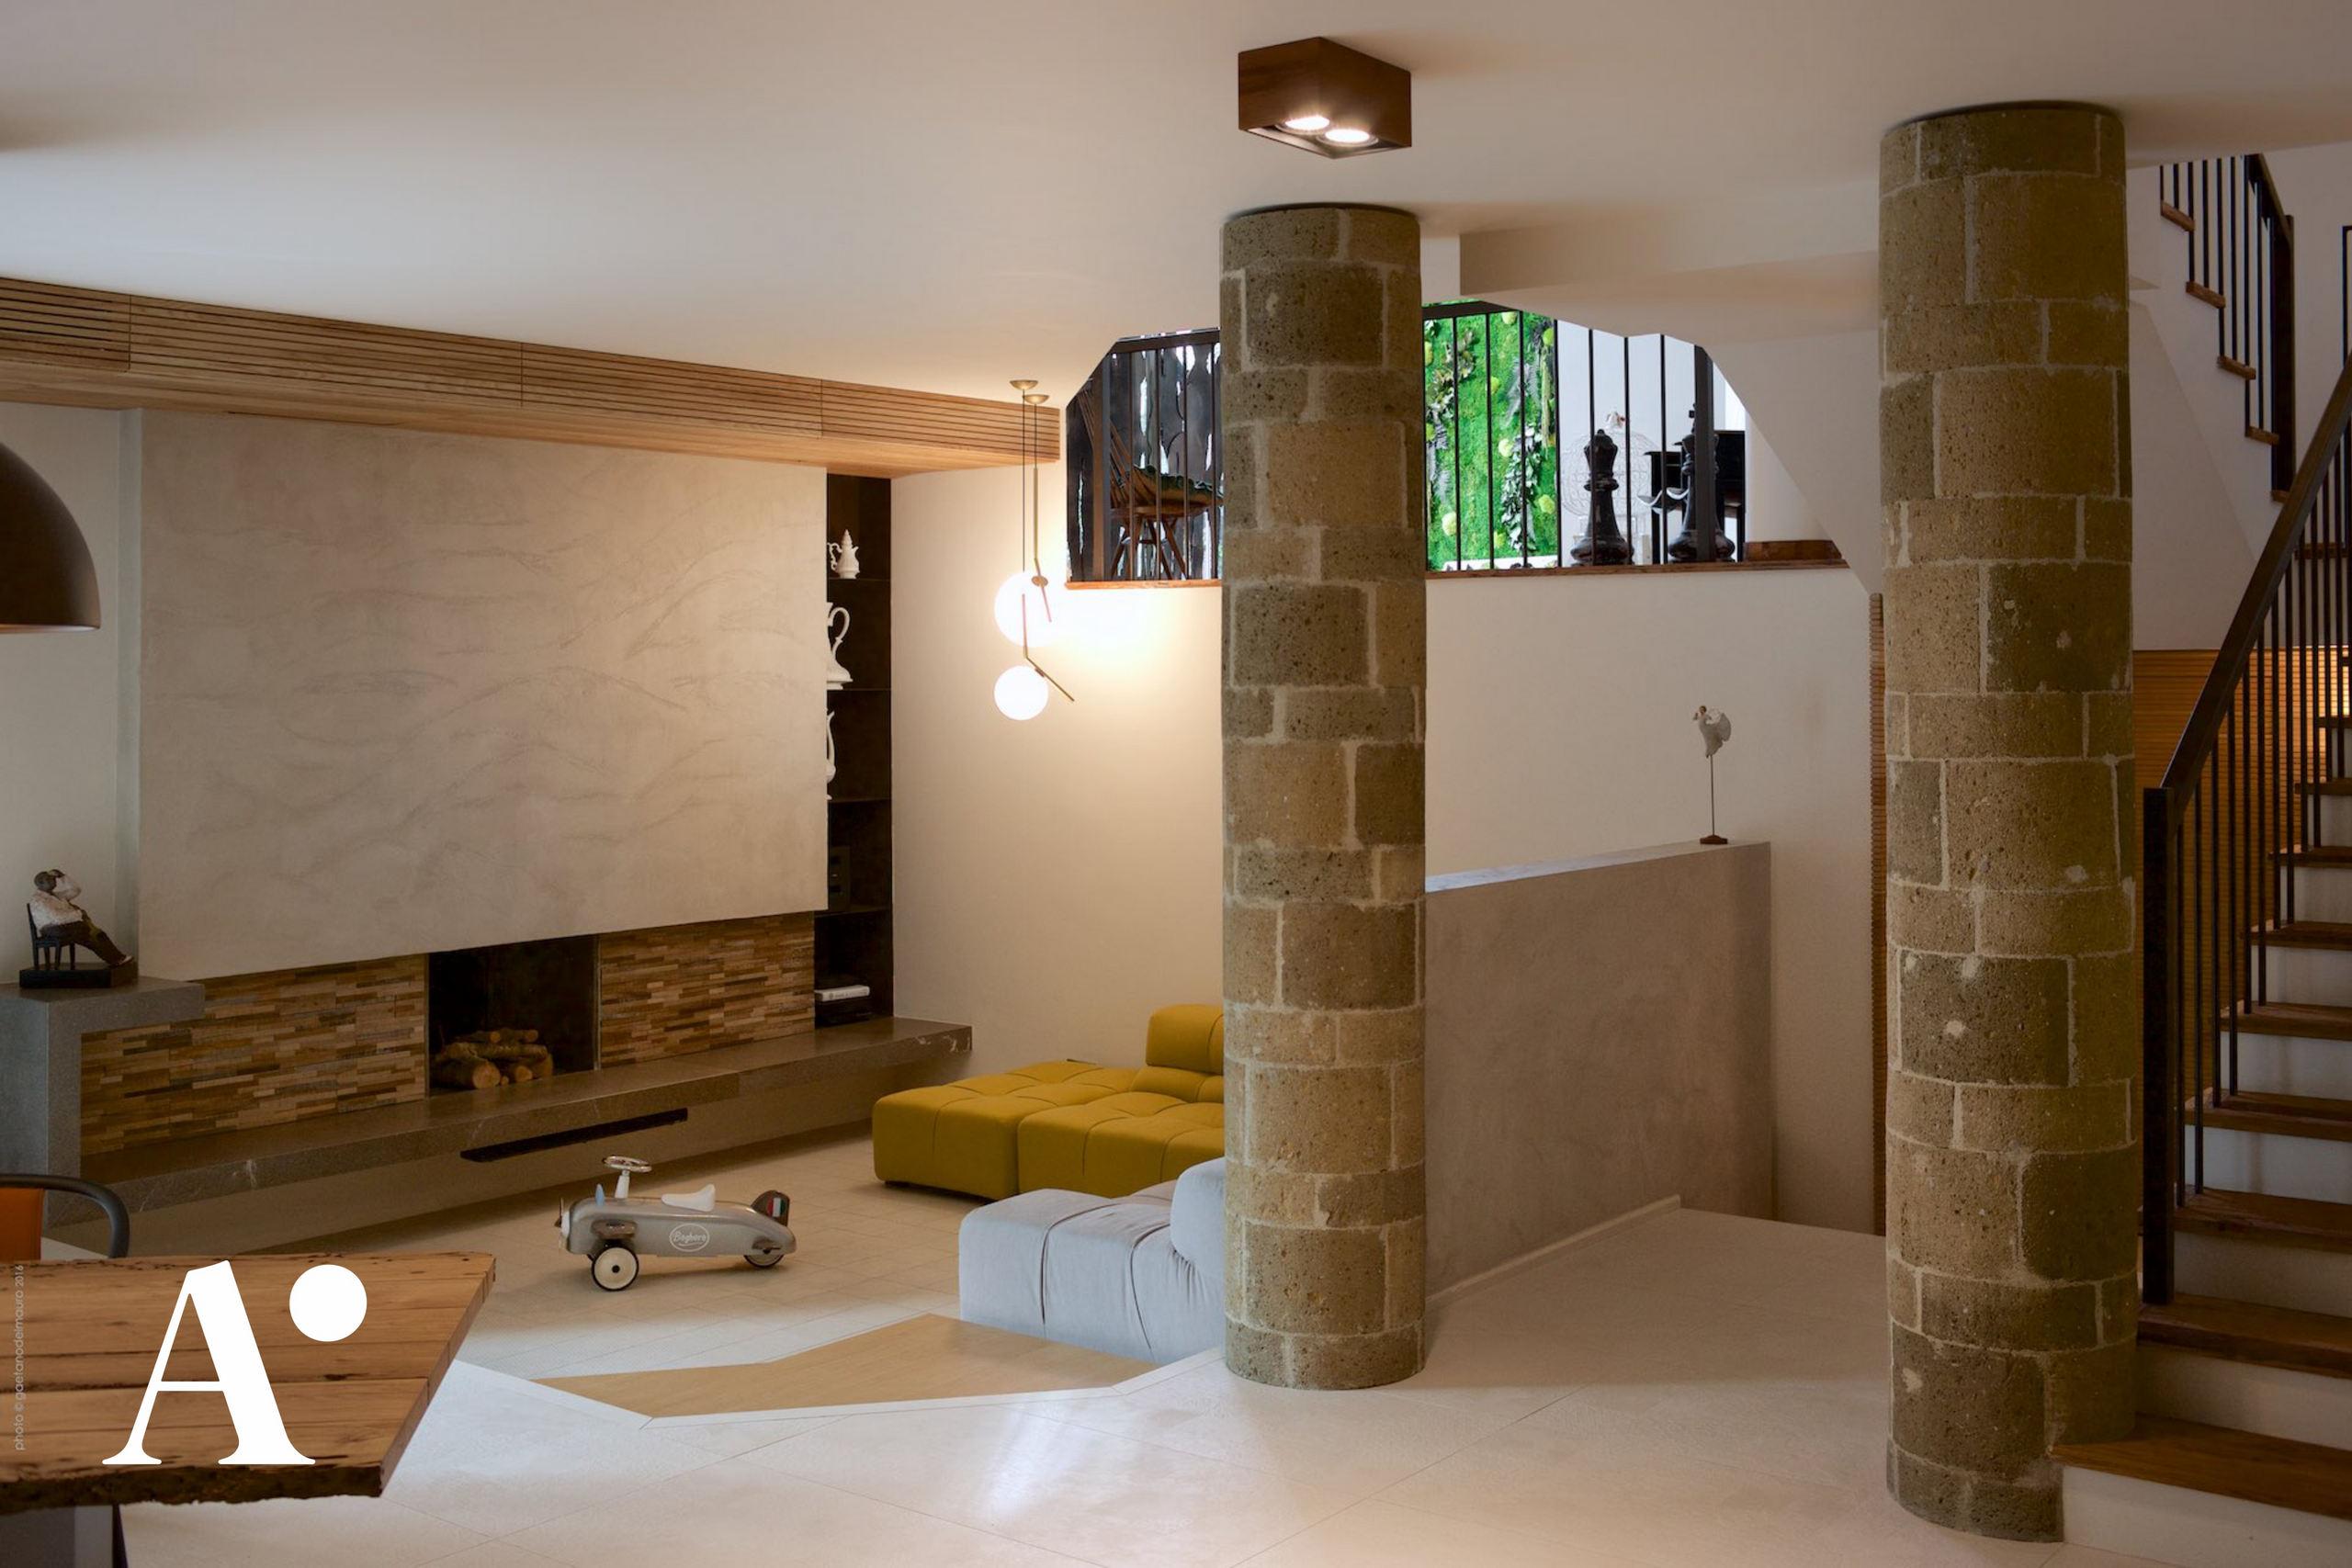 avella-concept-home-design-0003